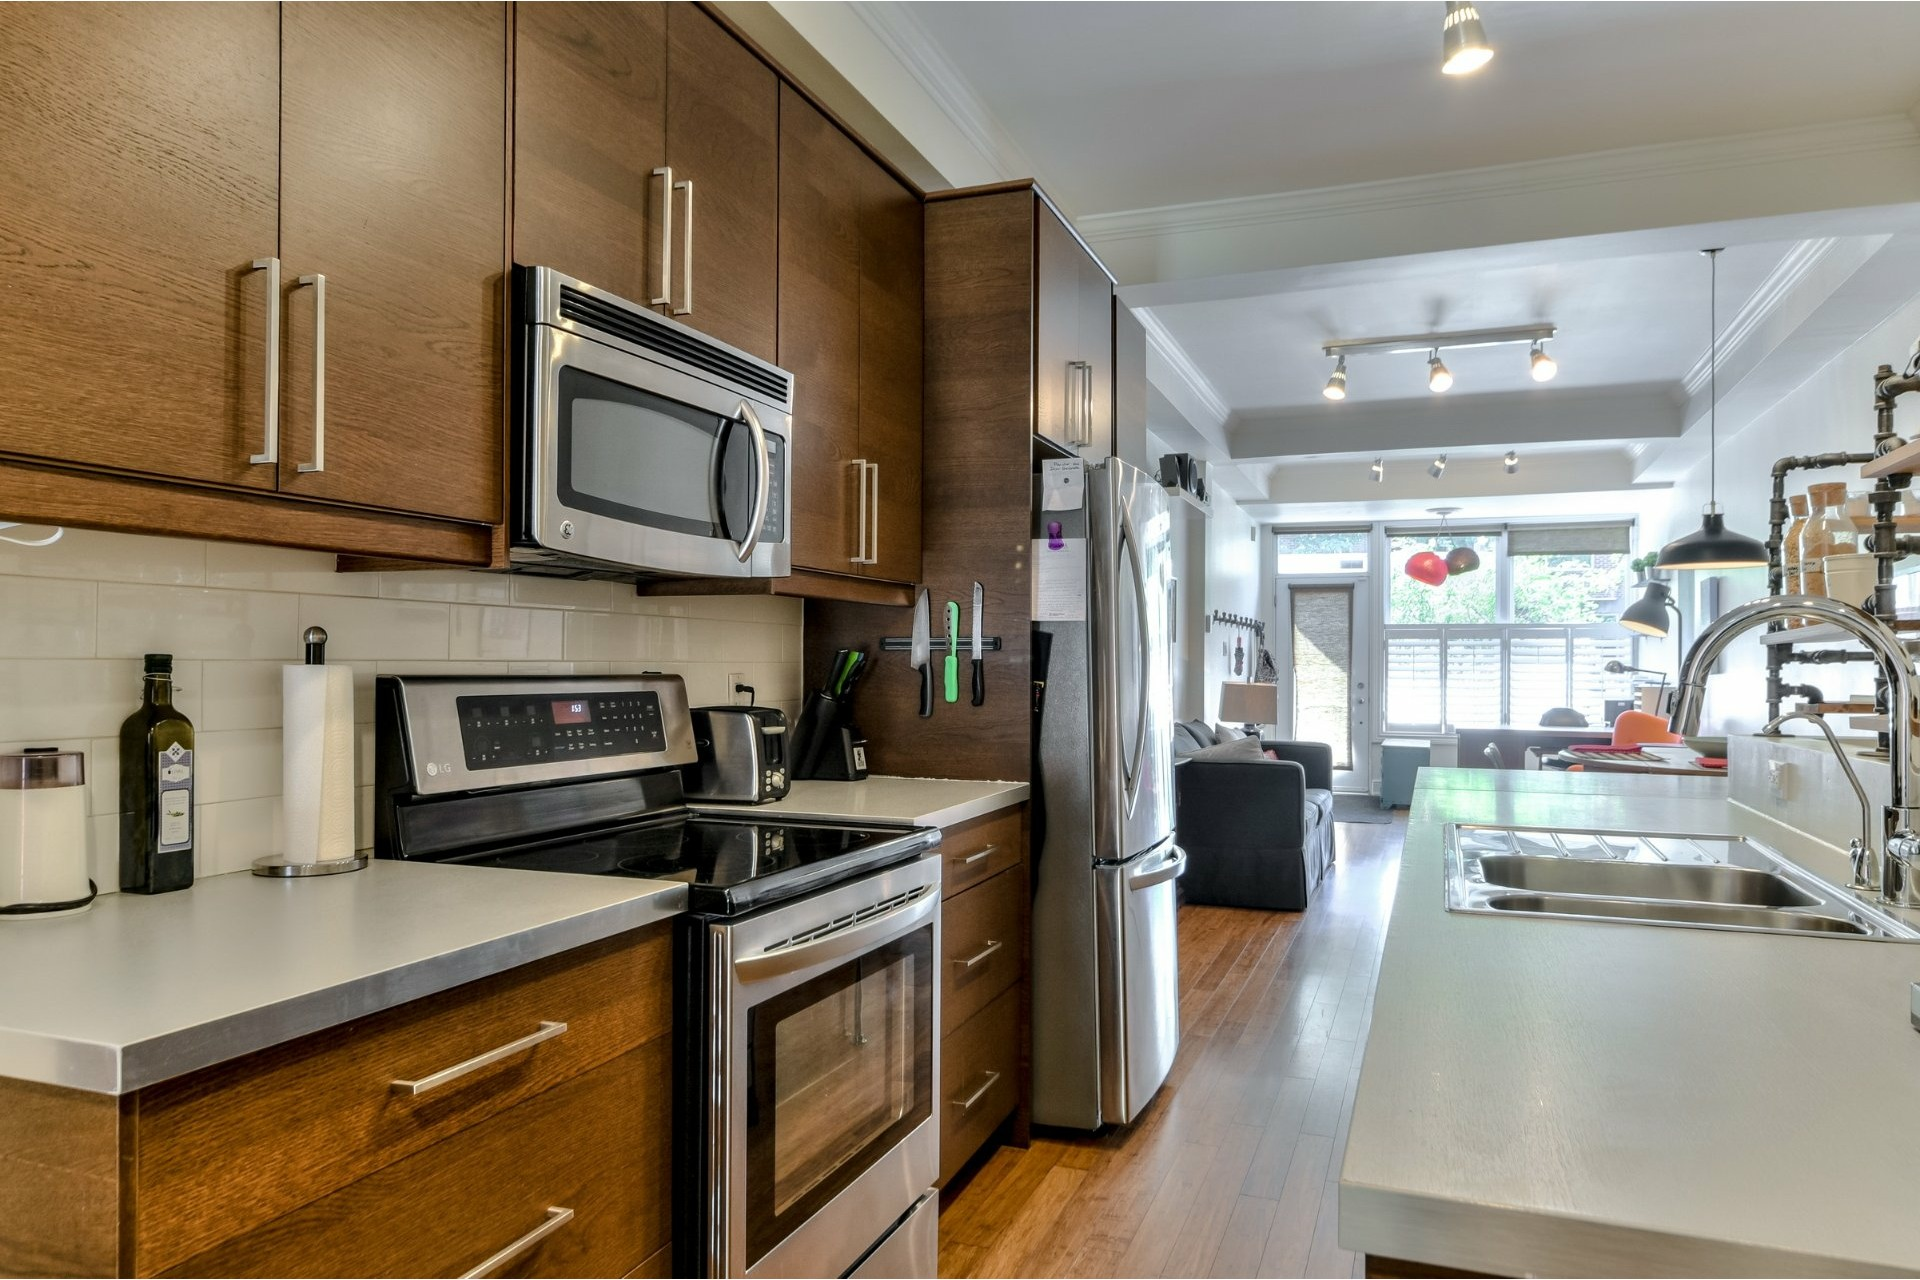 image 14 - Apartment For sale Le Plateau-Mont-Royal Montréal  - 5 rooms